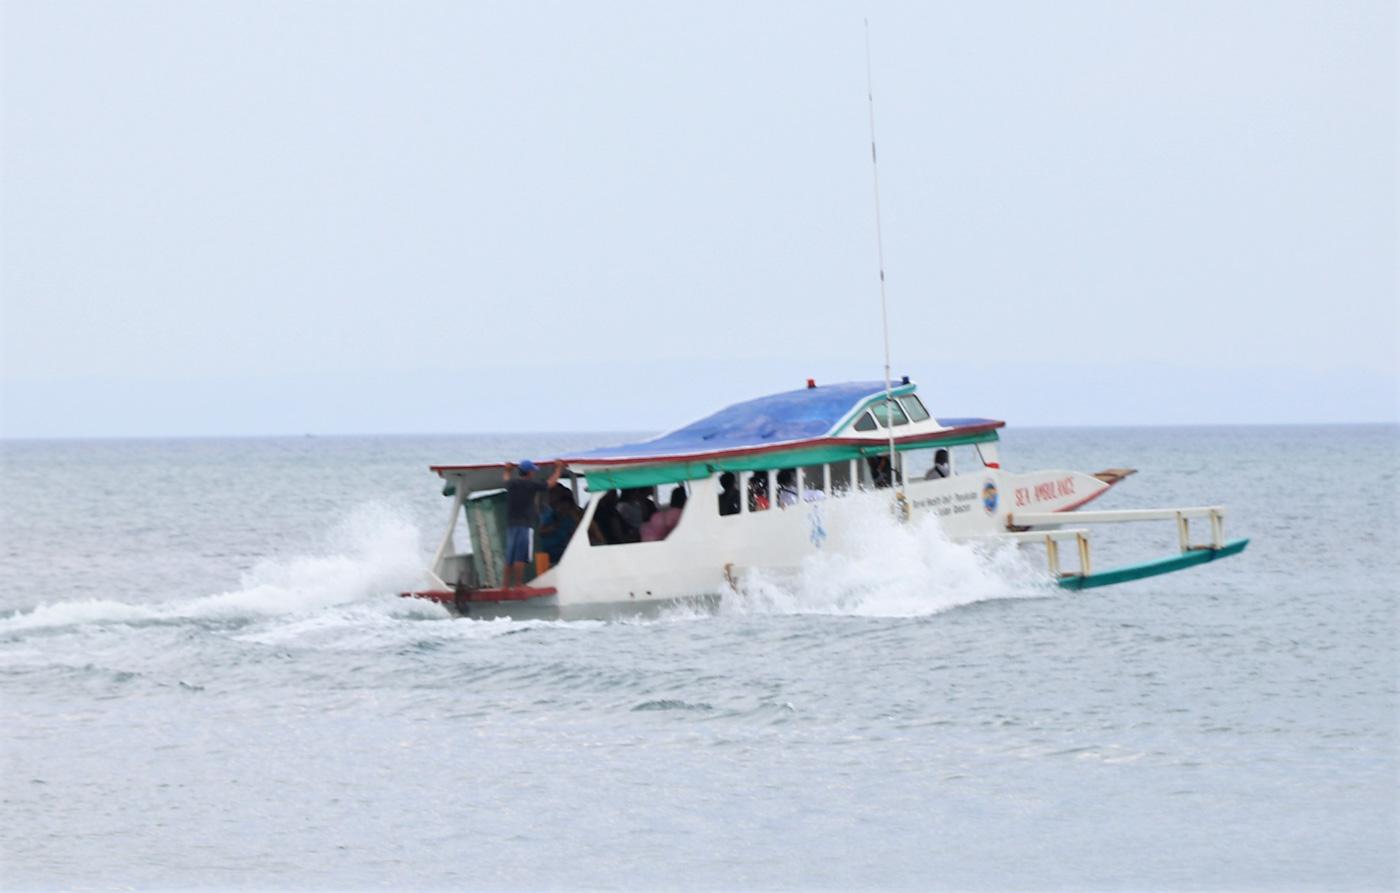 TEST RUN. Test run of Panukulan town's sea ambulance at 20 knots km/h. Photo courtesy of DOH-CALABARZON